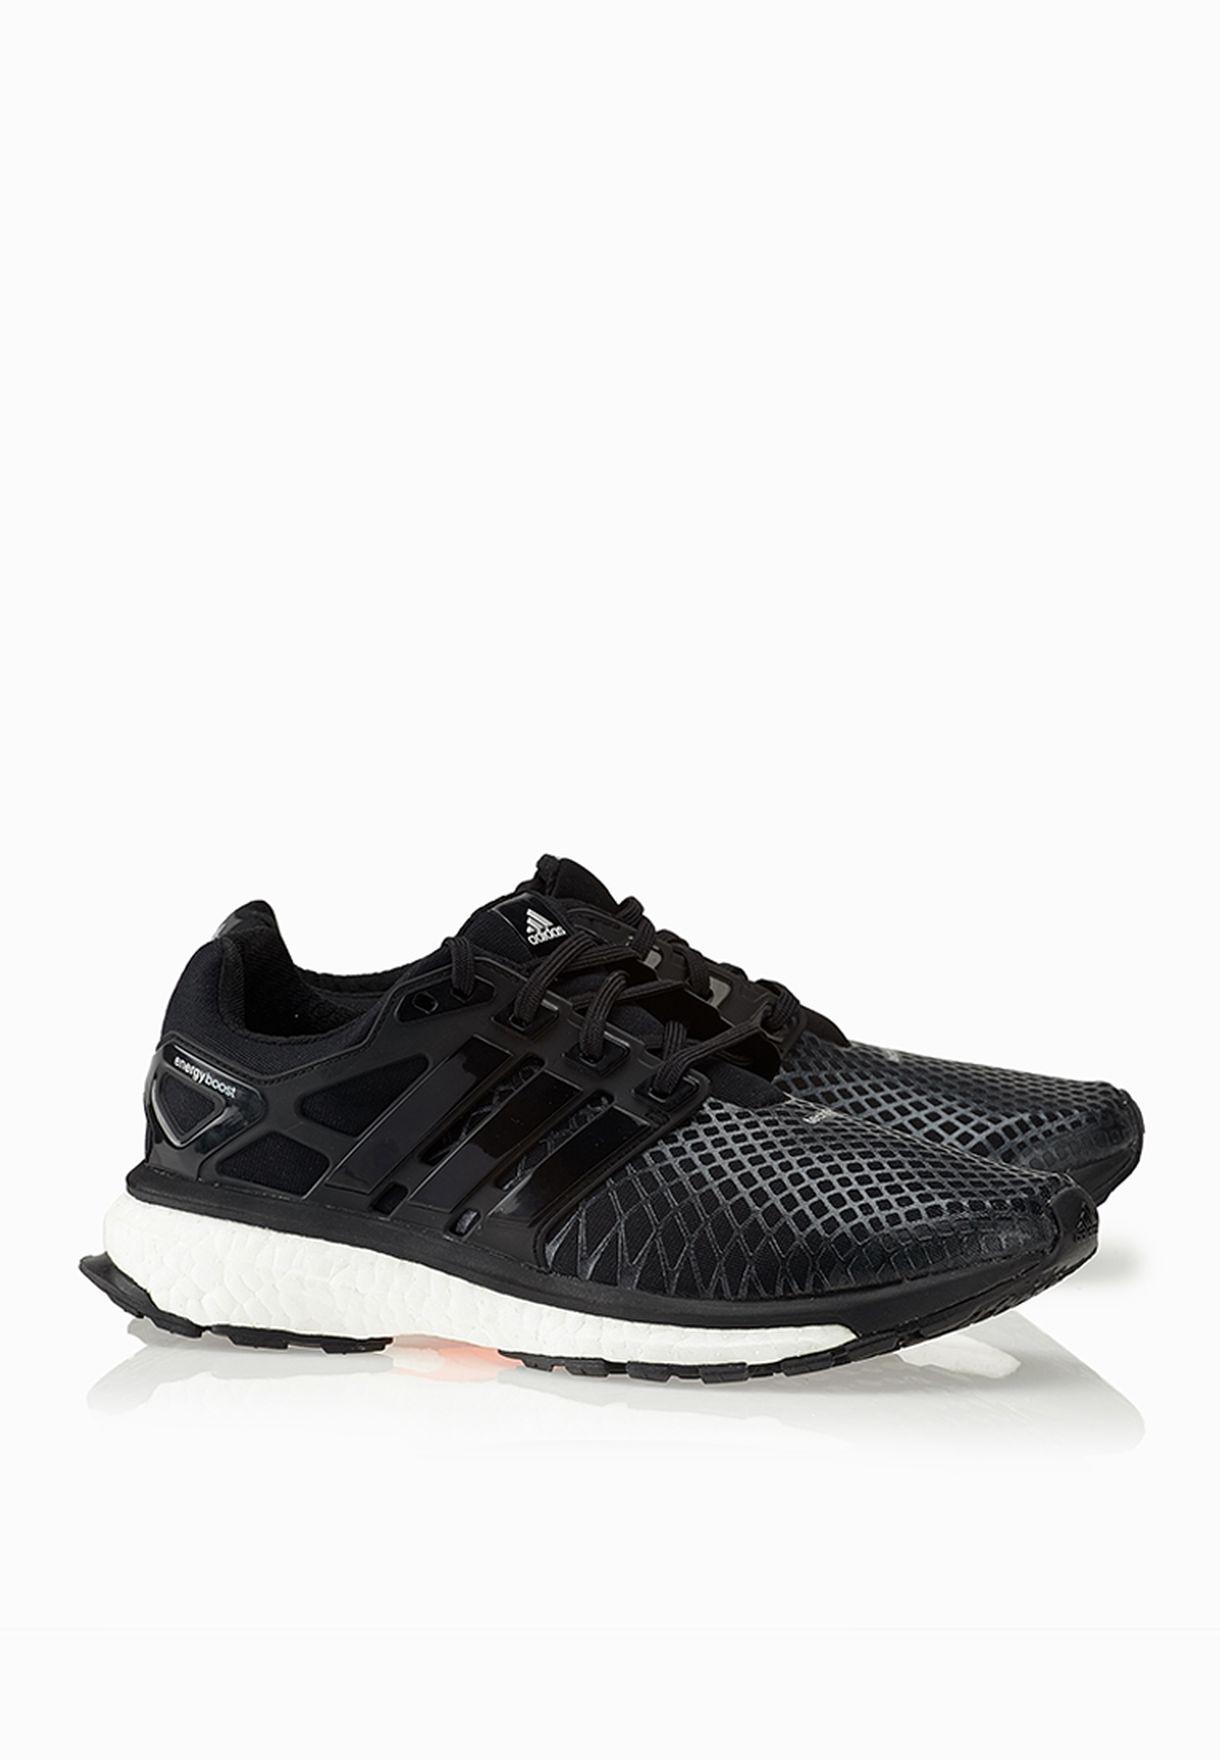 cc13cf9b61a Shop adidas black Energy Boost 2 ATR W B40590 for Women in Oman -  AD476SH56RSD